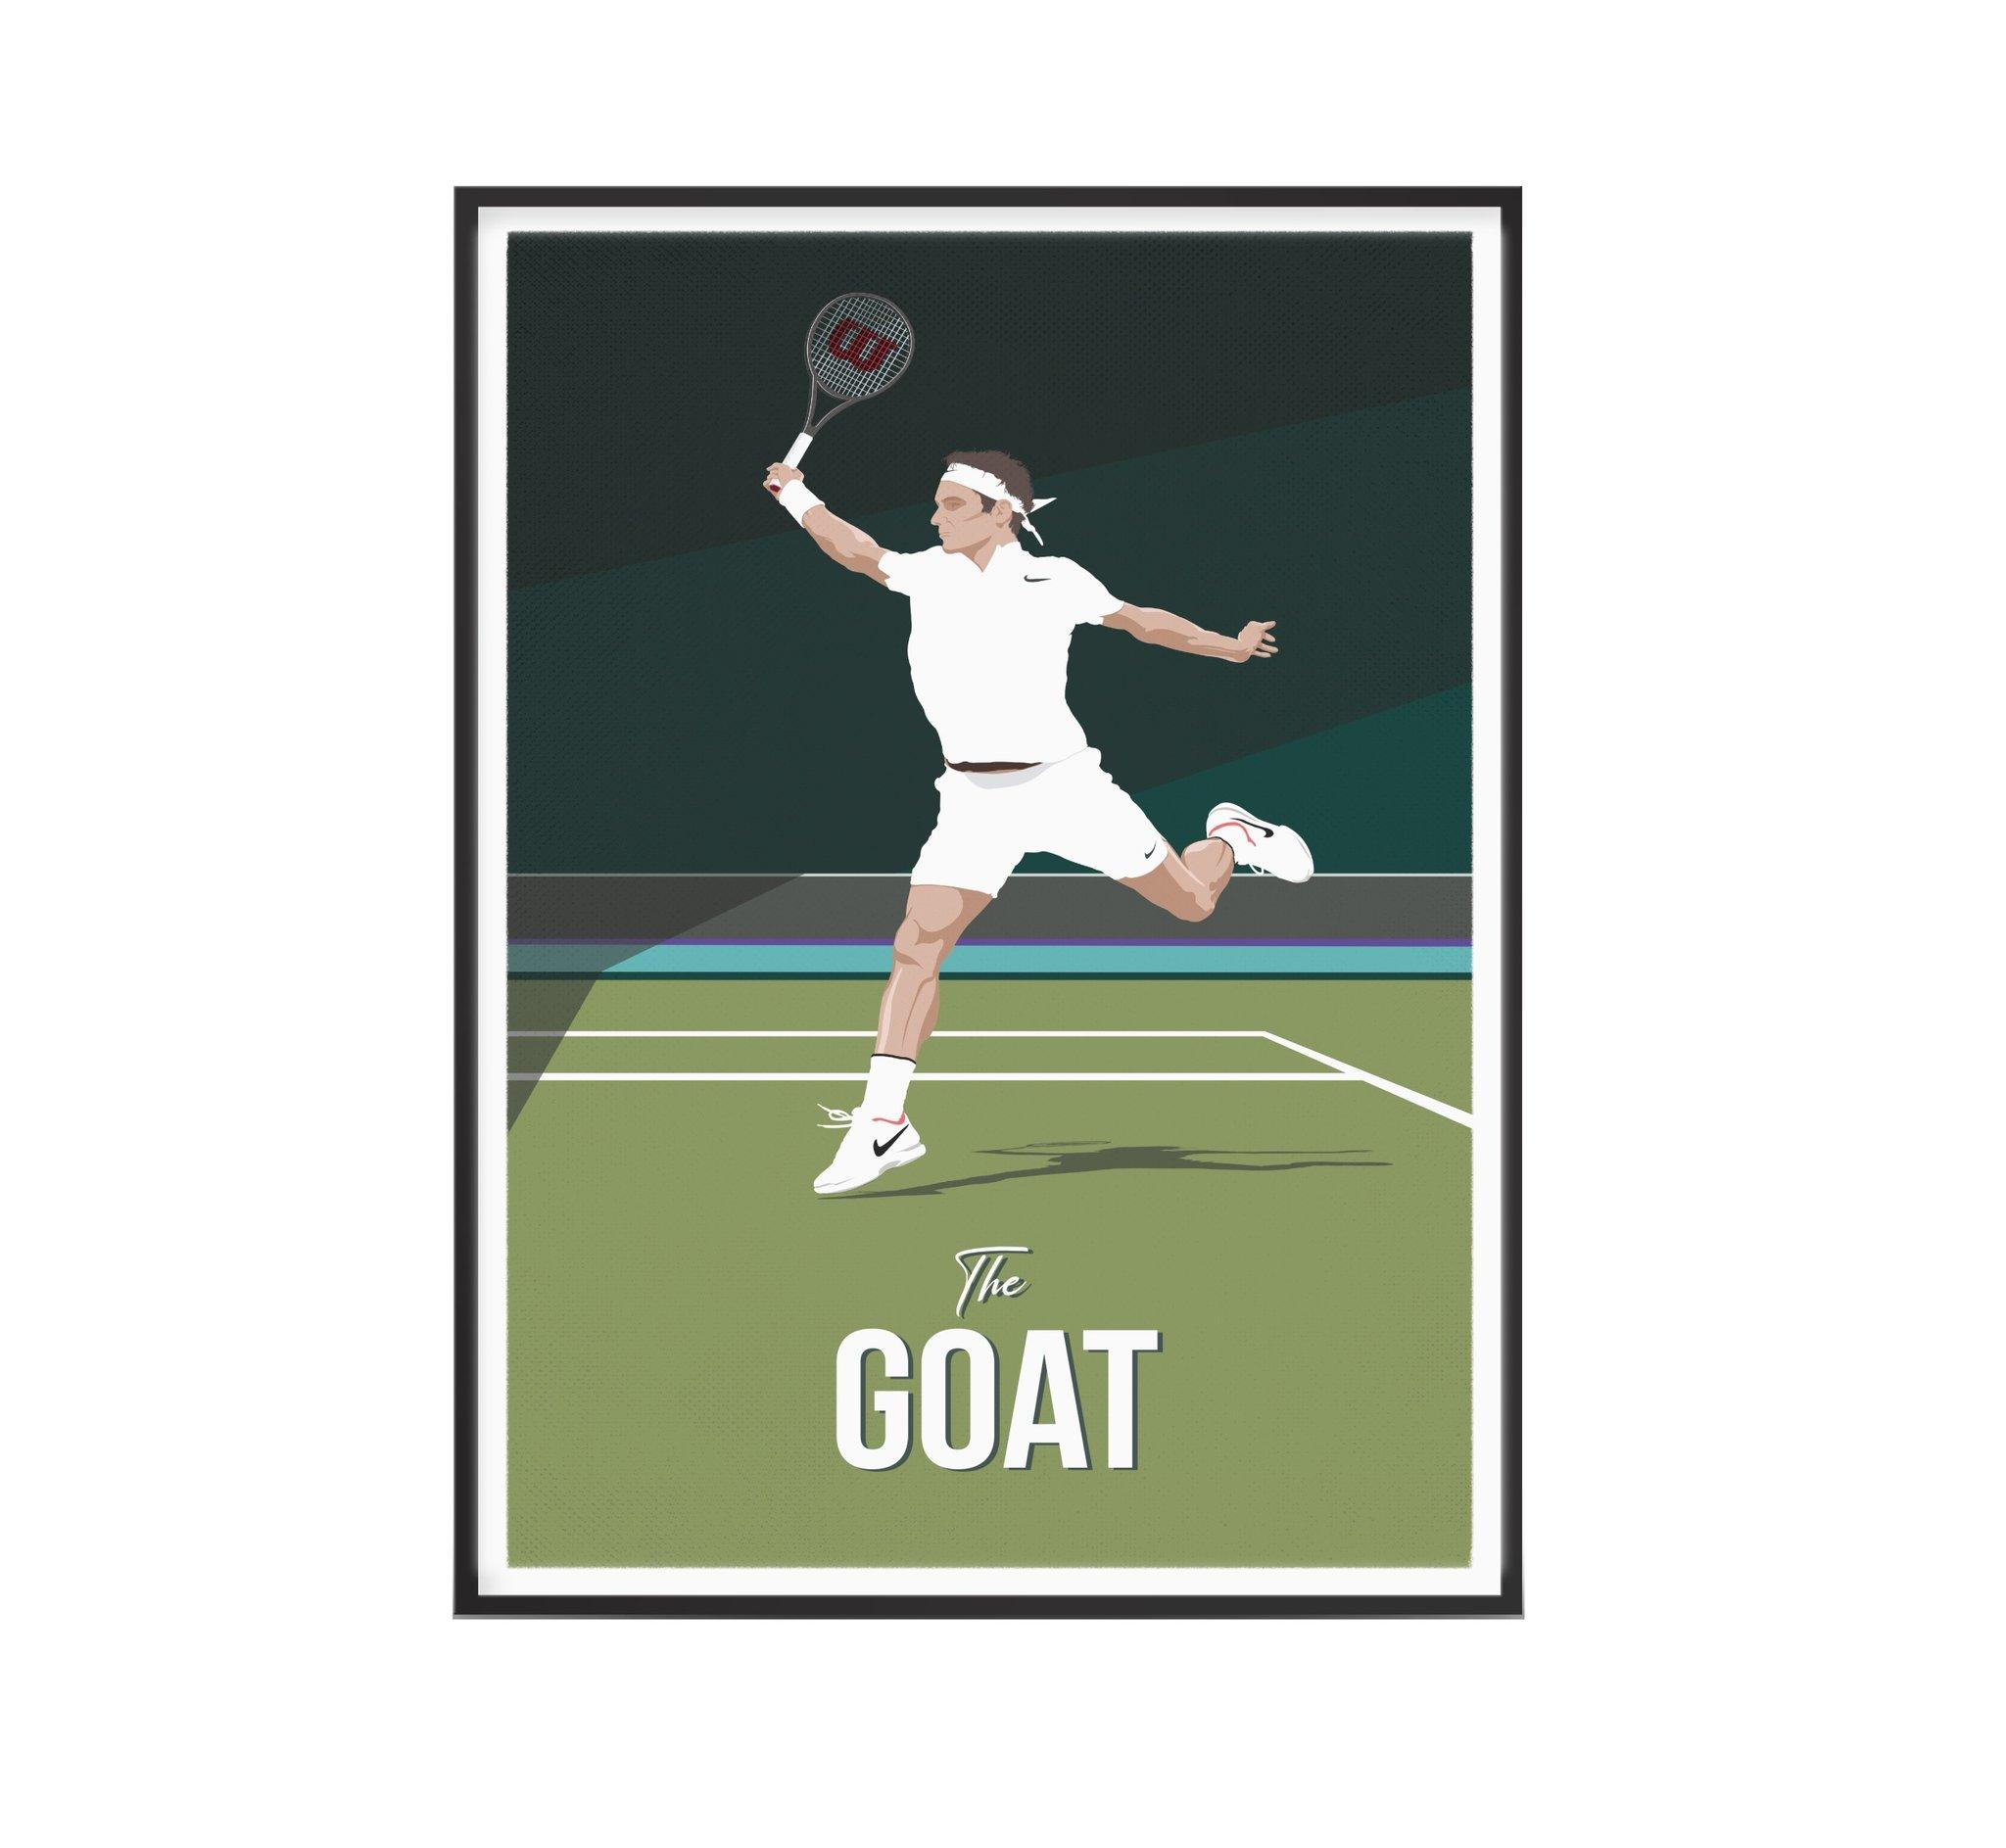 Affiche tennis Roger The Goat 30x40 cm